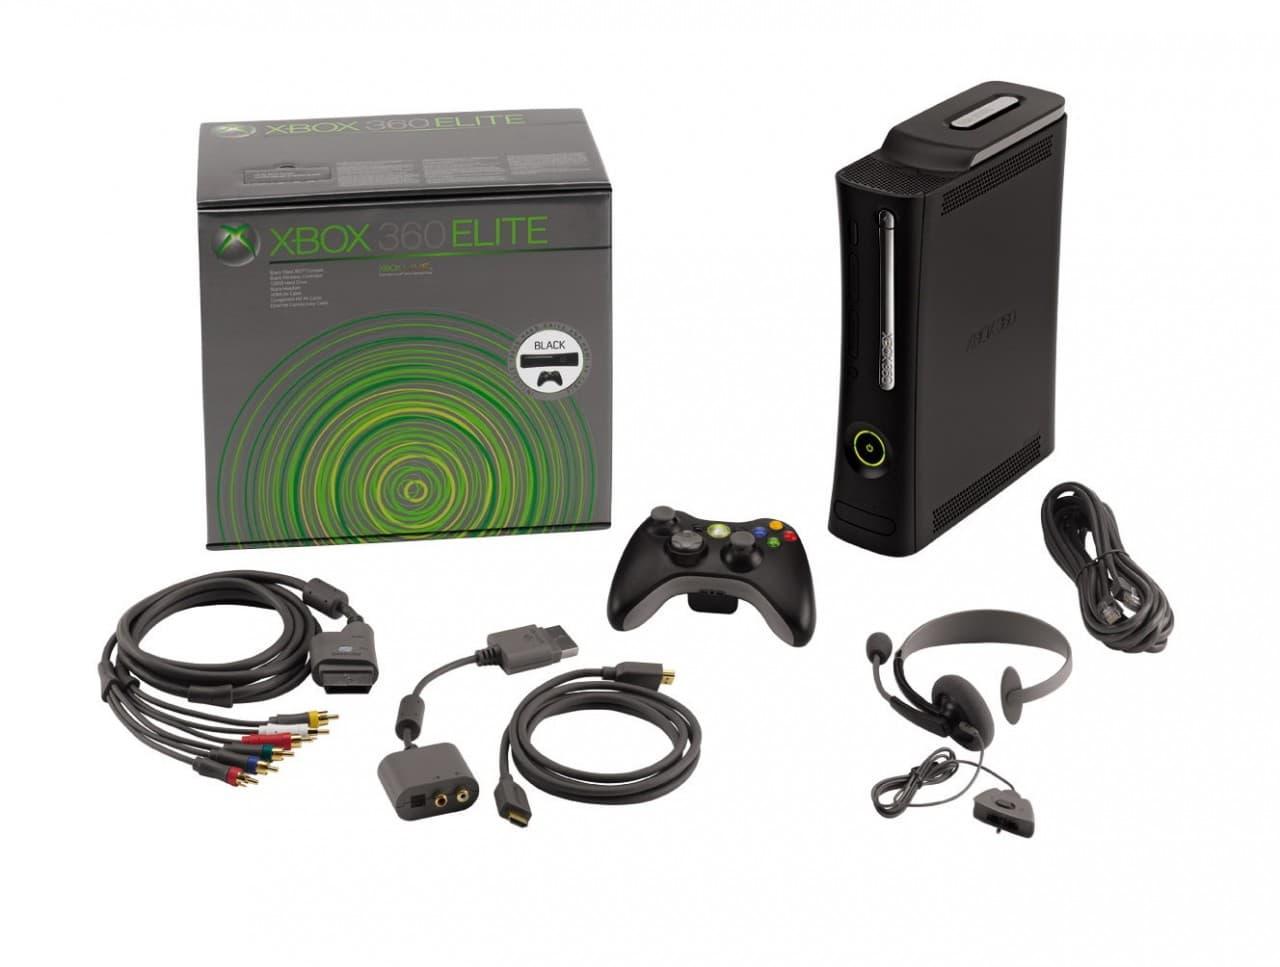 La Xbox 360 élite